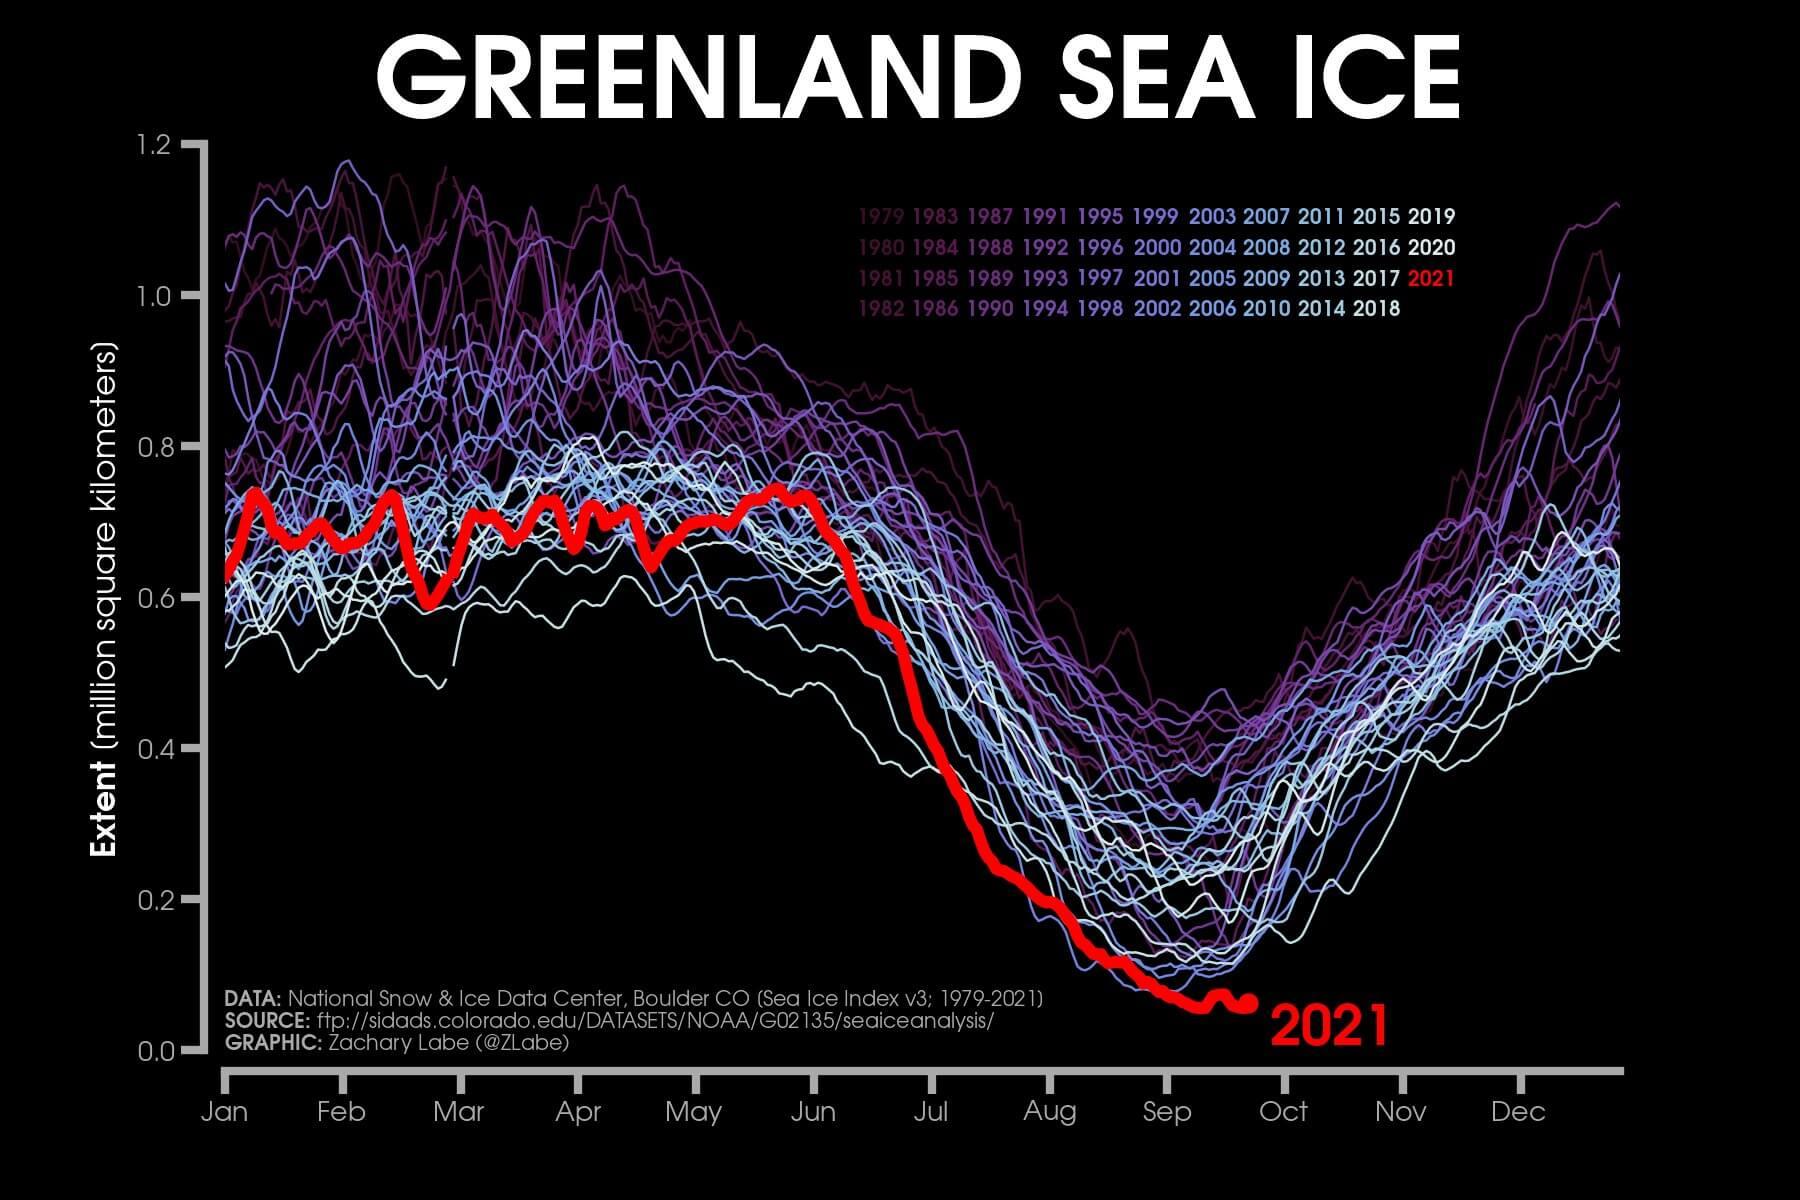 greenland-sea-ice-area-graph-so-far